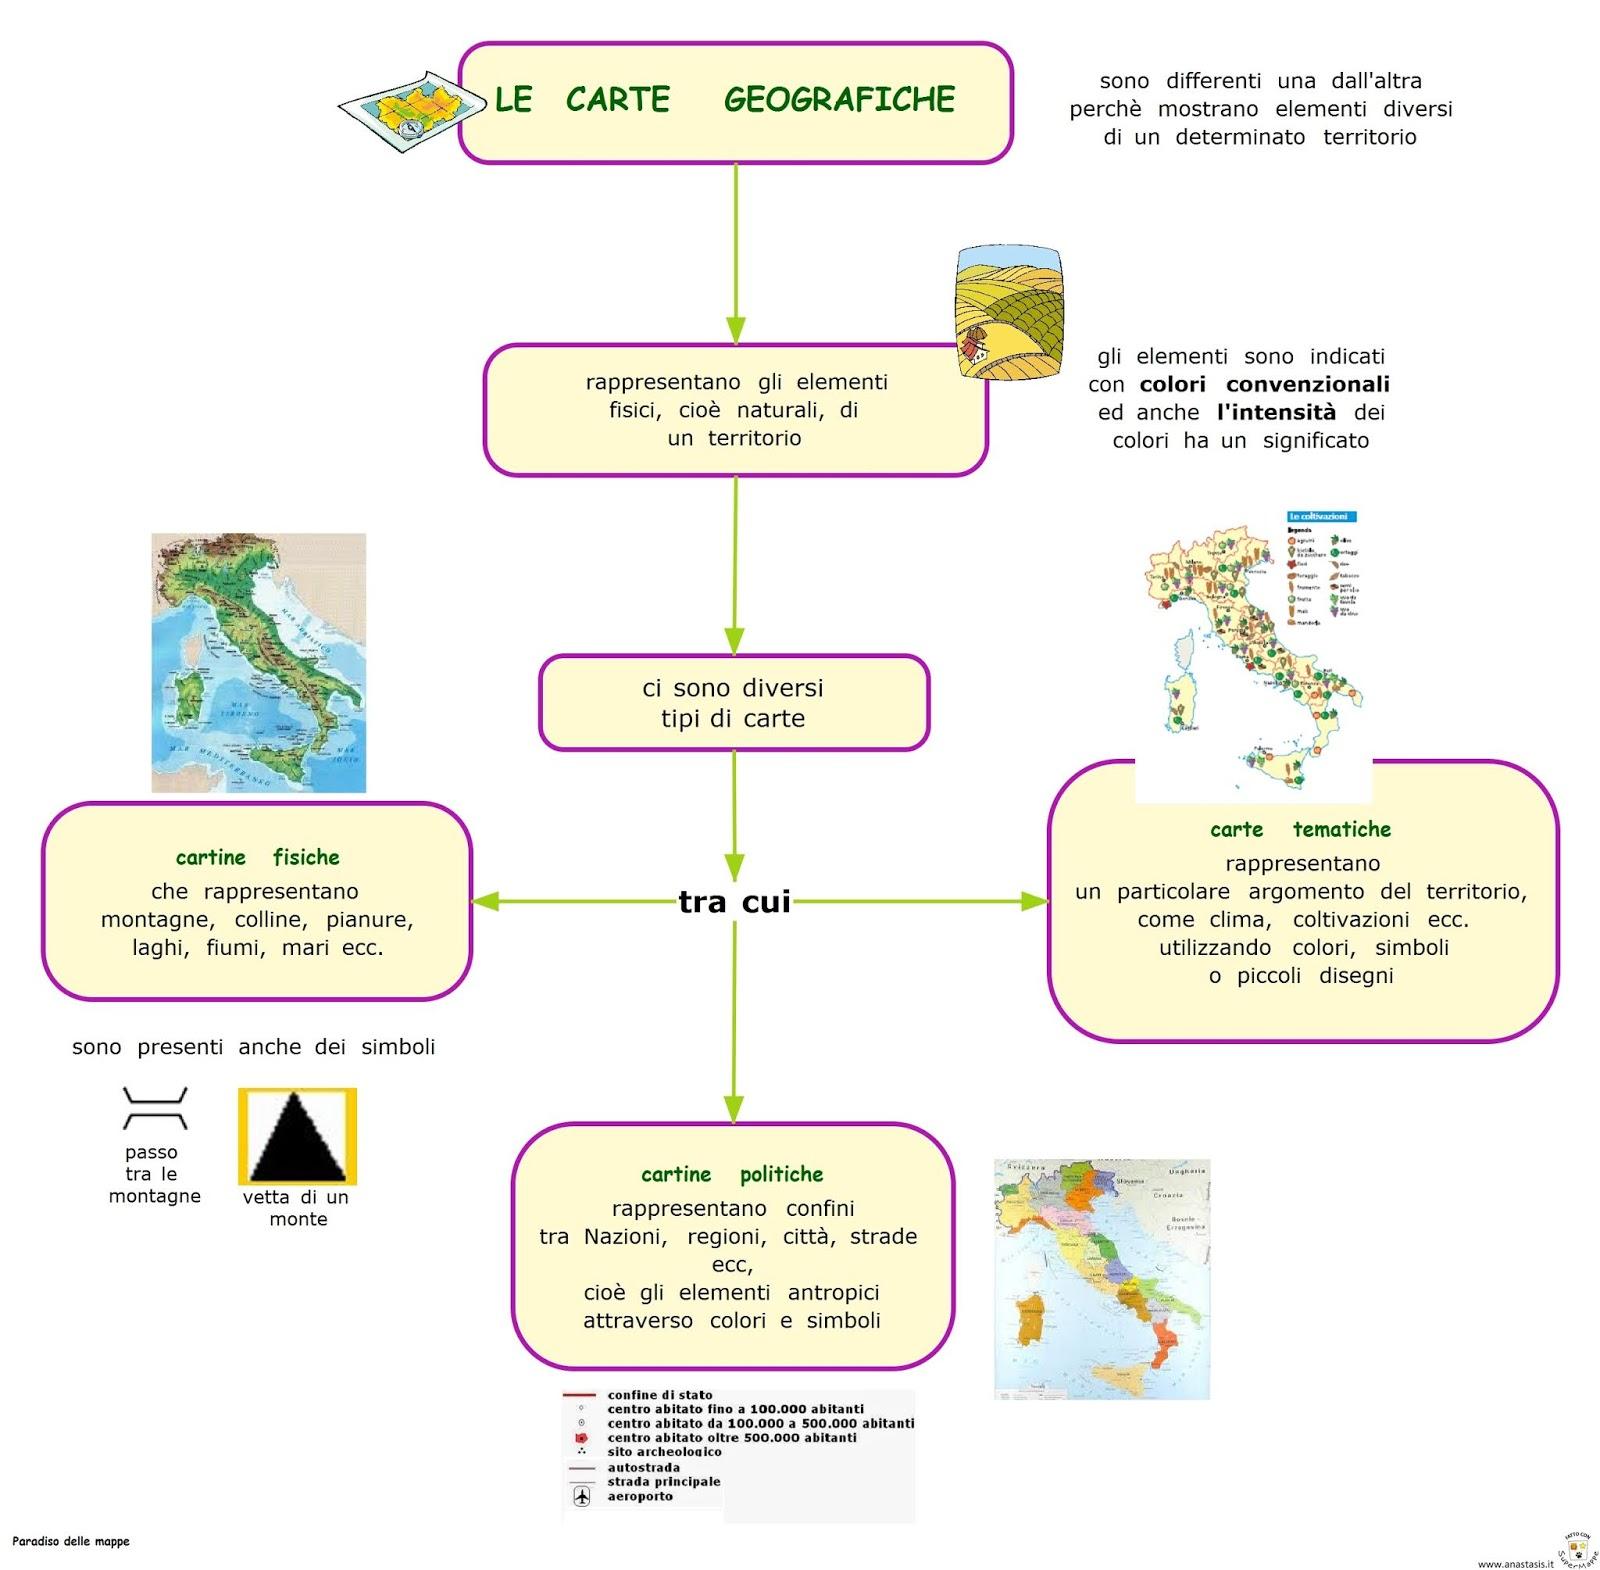 Paradiso Delle Mappe Le Carte Geografiche